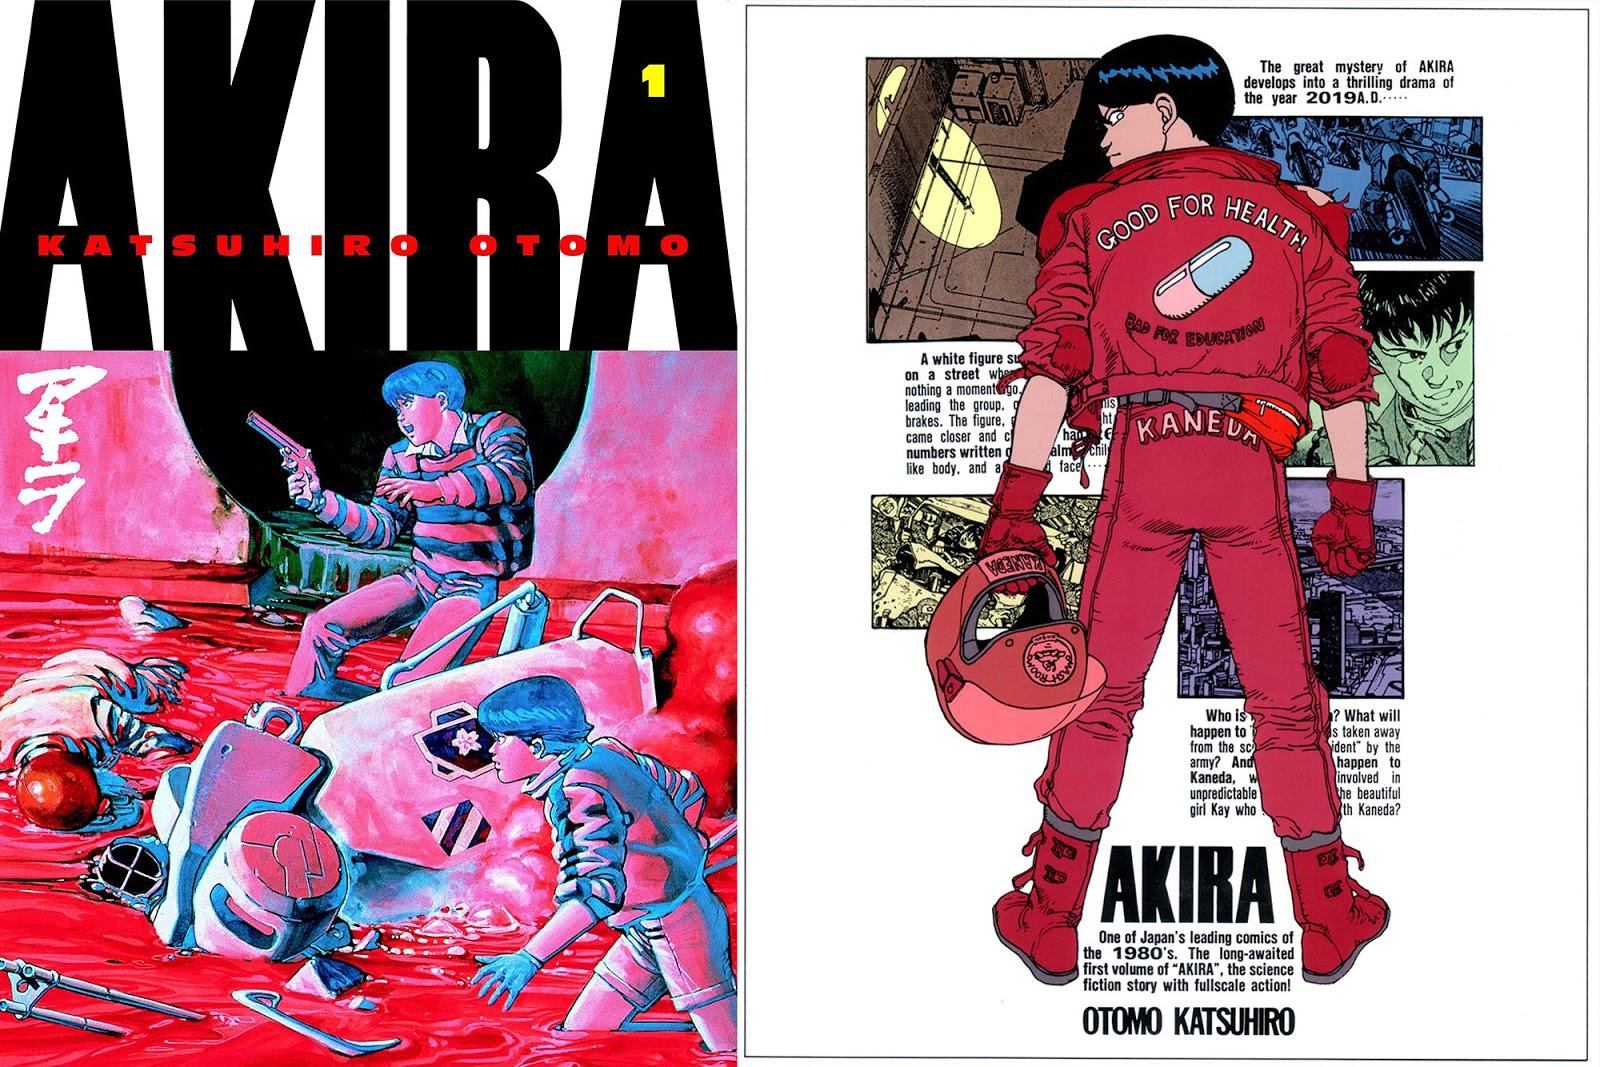 Akira Storia Manga Katsuhiro Otomo